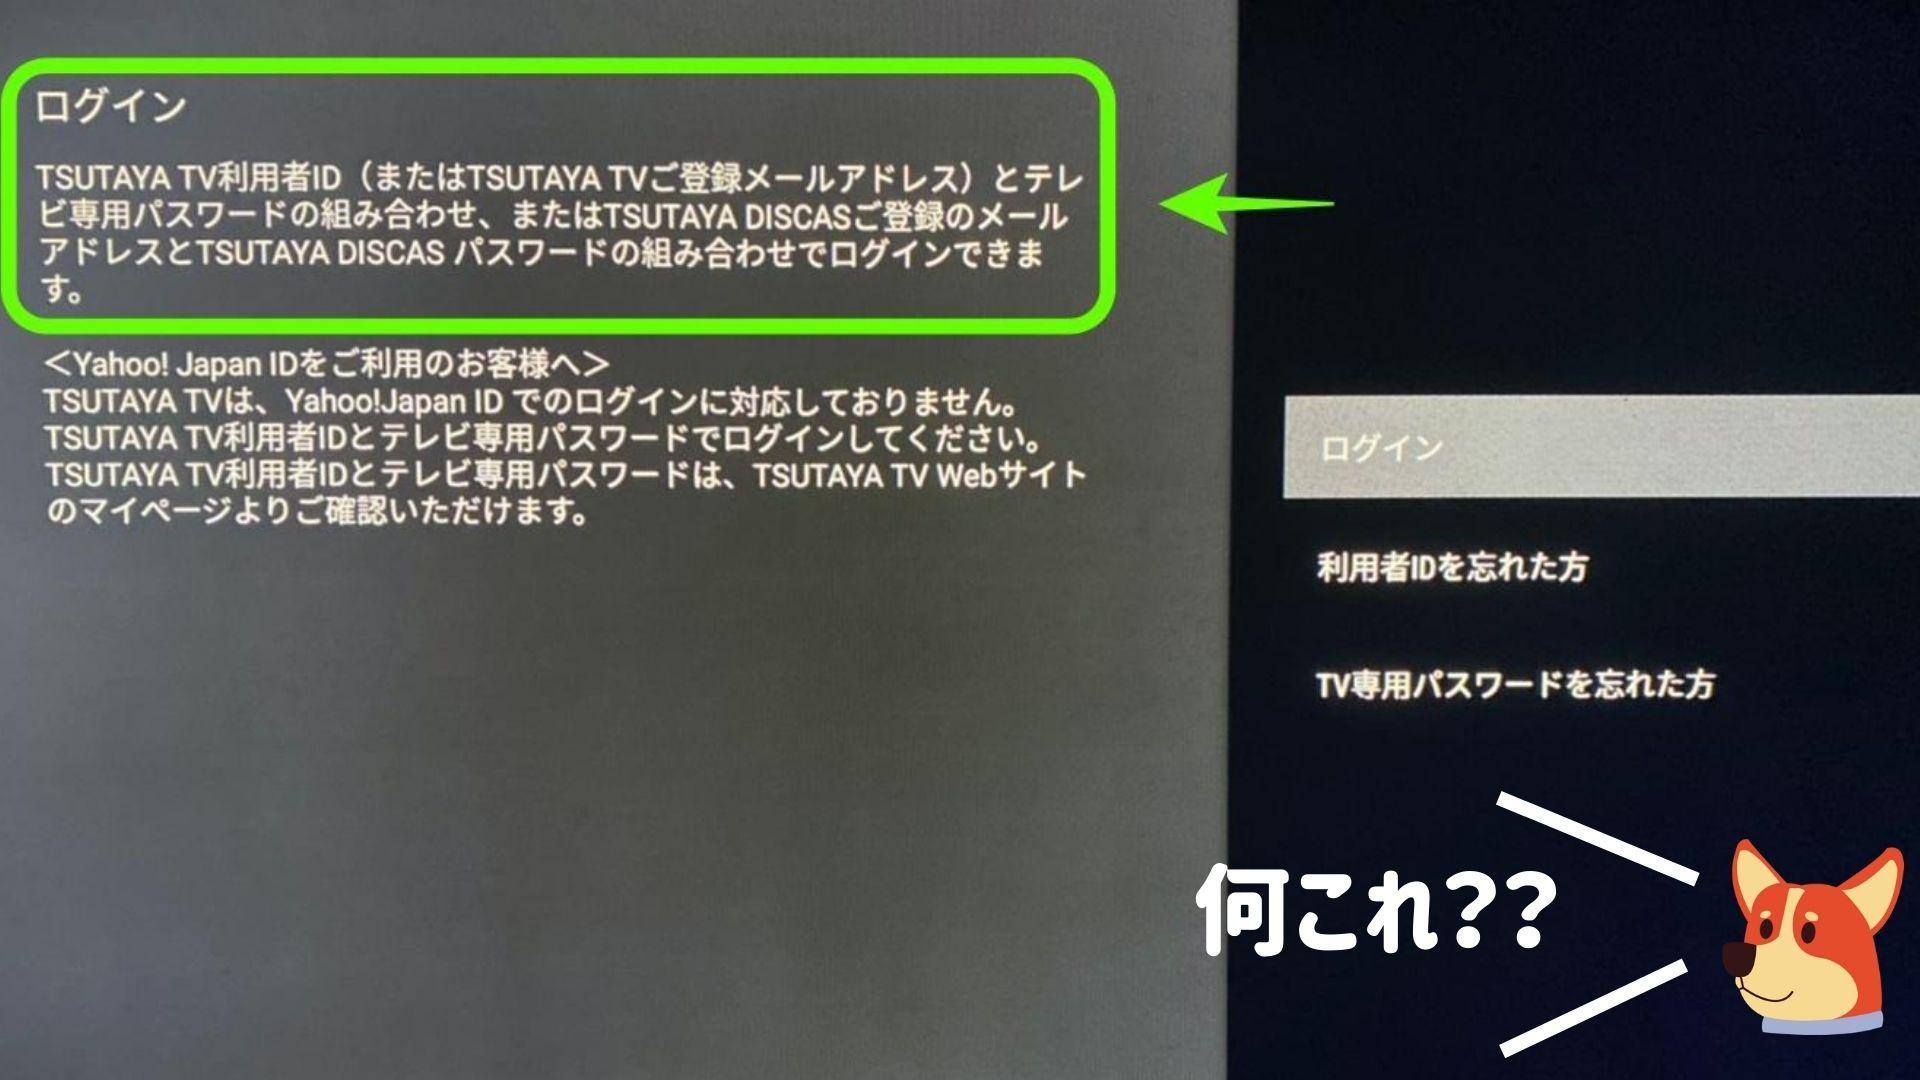 TSUTAYA TVでTSUTAYA TV利用者IDを入力